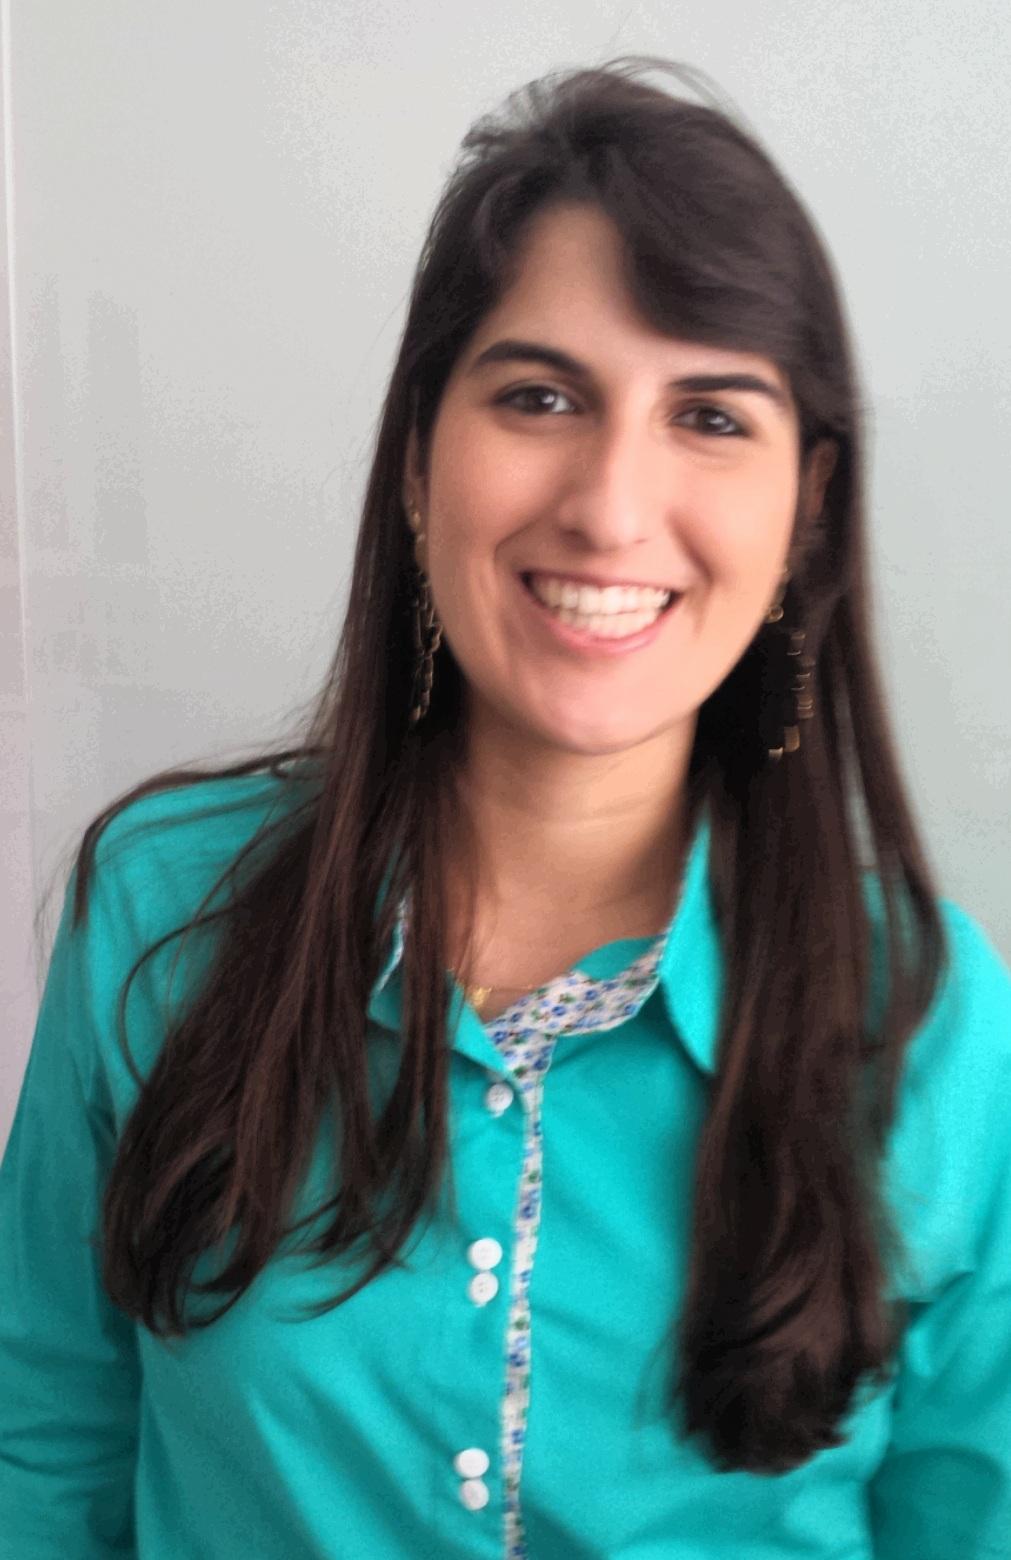 Andressa Saraiva - 5º lugar geral e 1º lugar nas discursivas do TCU